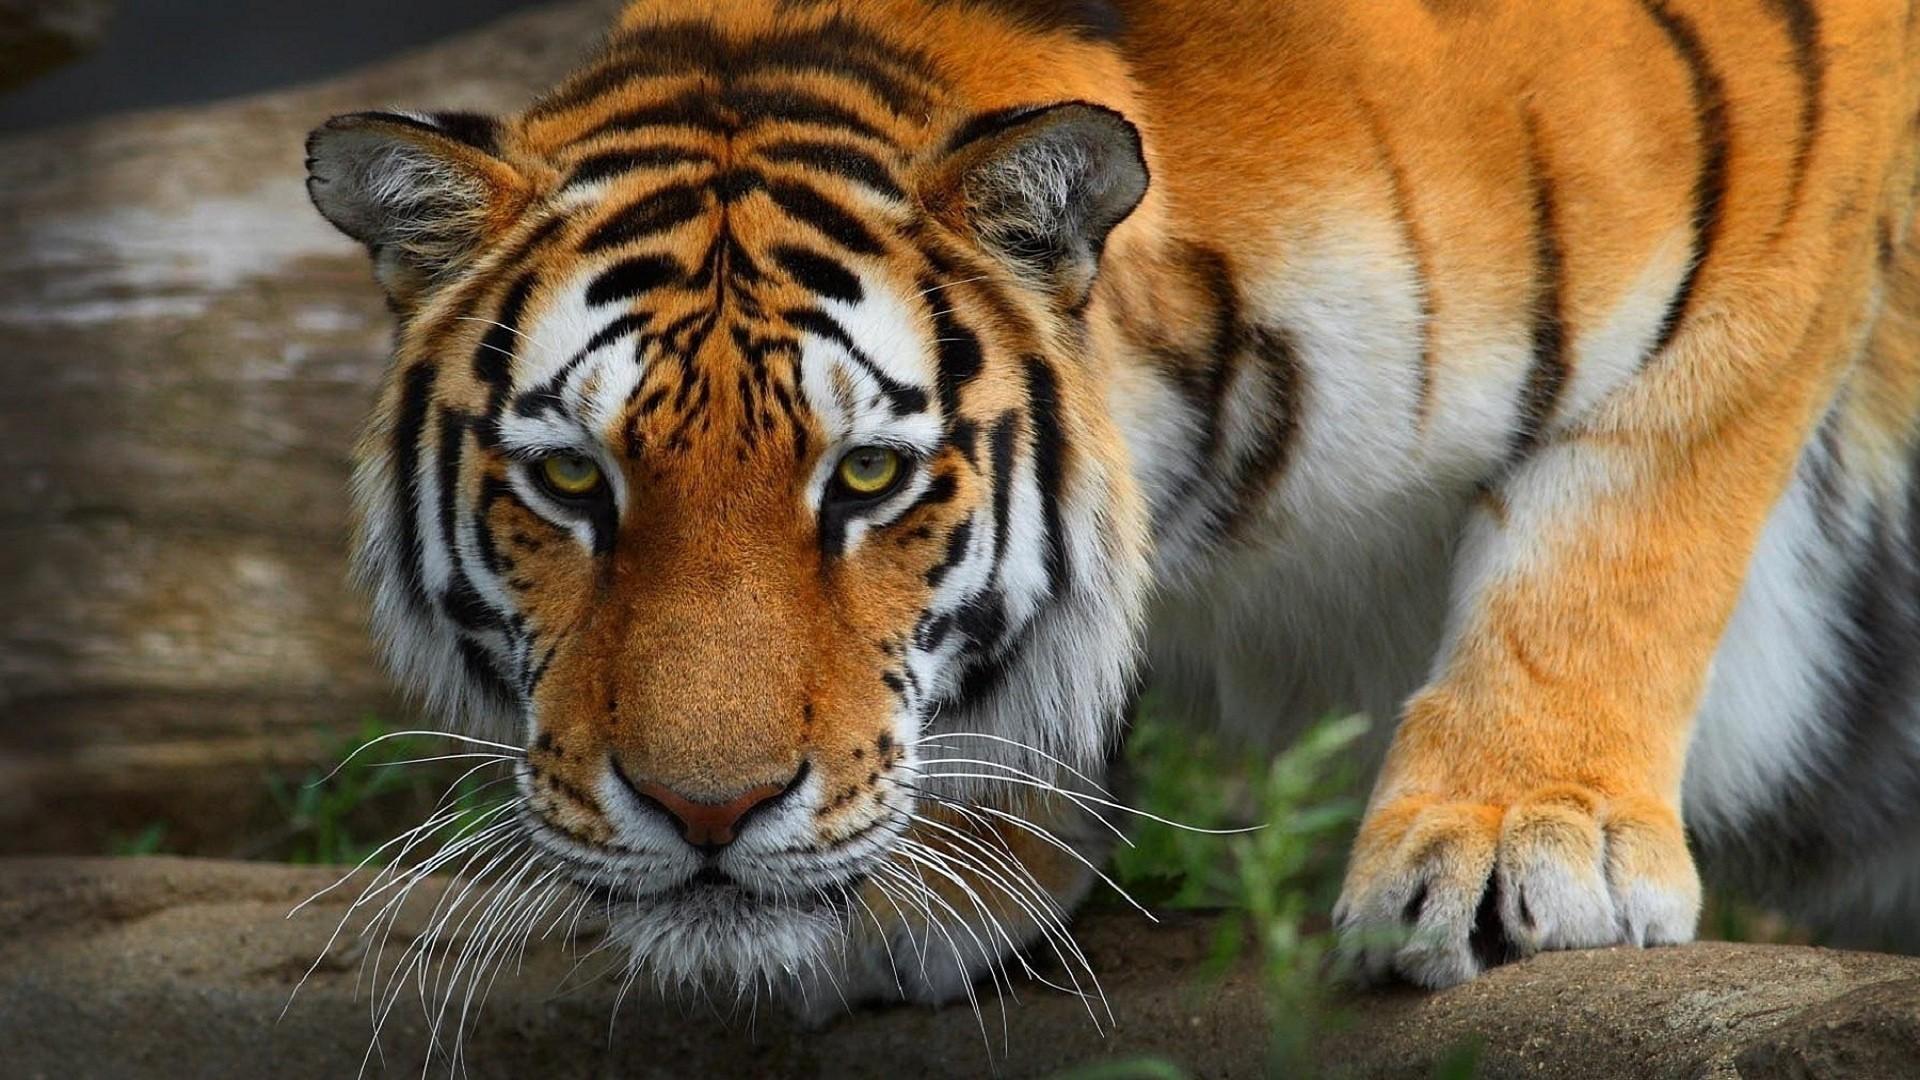 0 Tiger Wallpaper Full Hd Tiger Wallpaper Full Hd Granby Zoo 1920x1080 Wallpaper Teahub Io